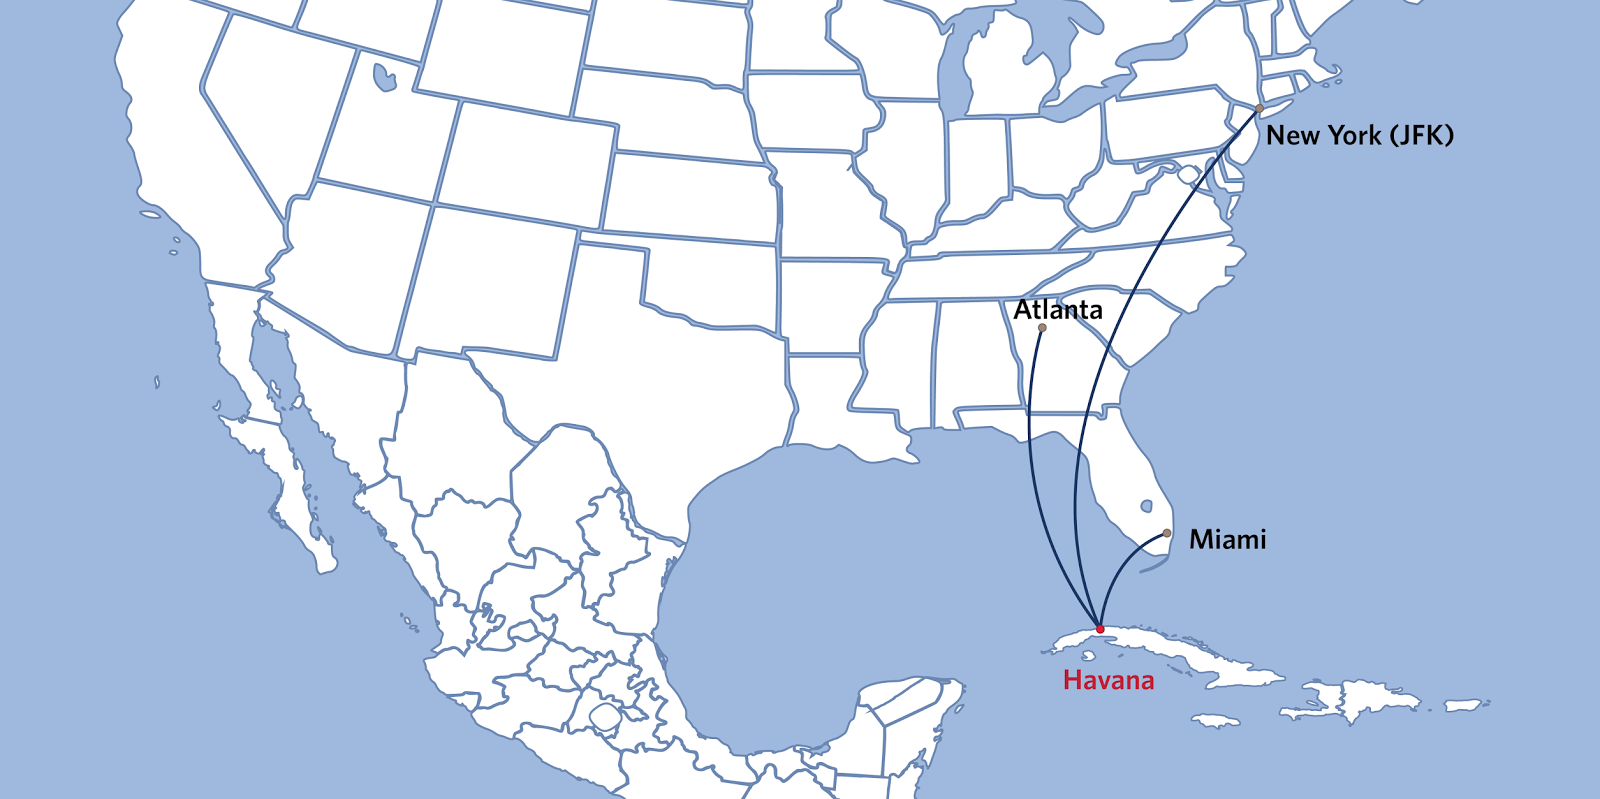 Delta retorna a Cuba após hiato de 55 anos